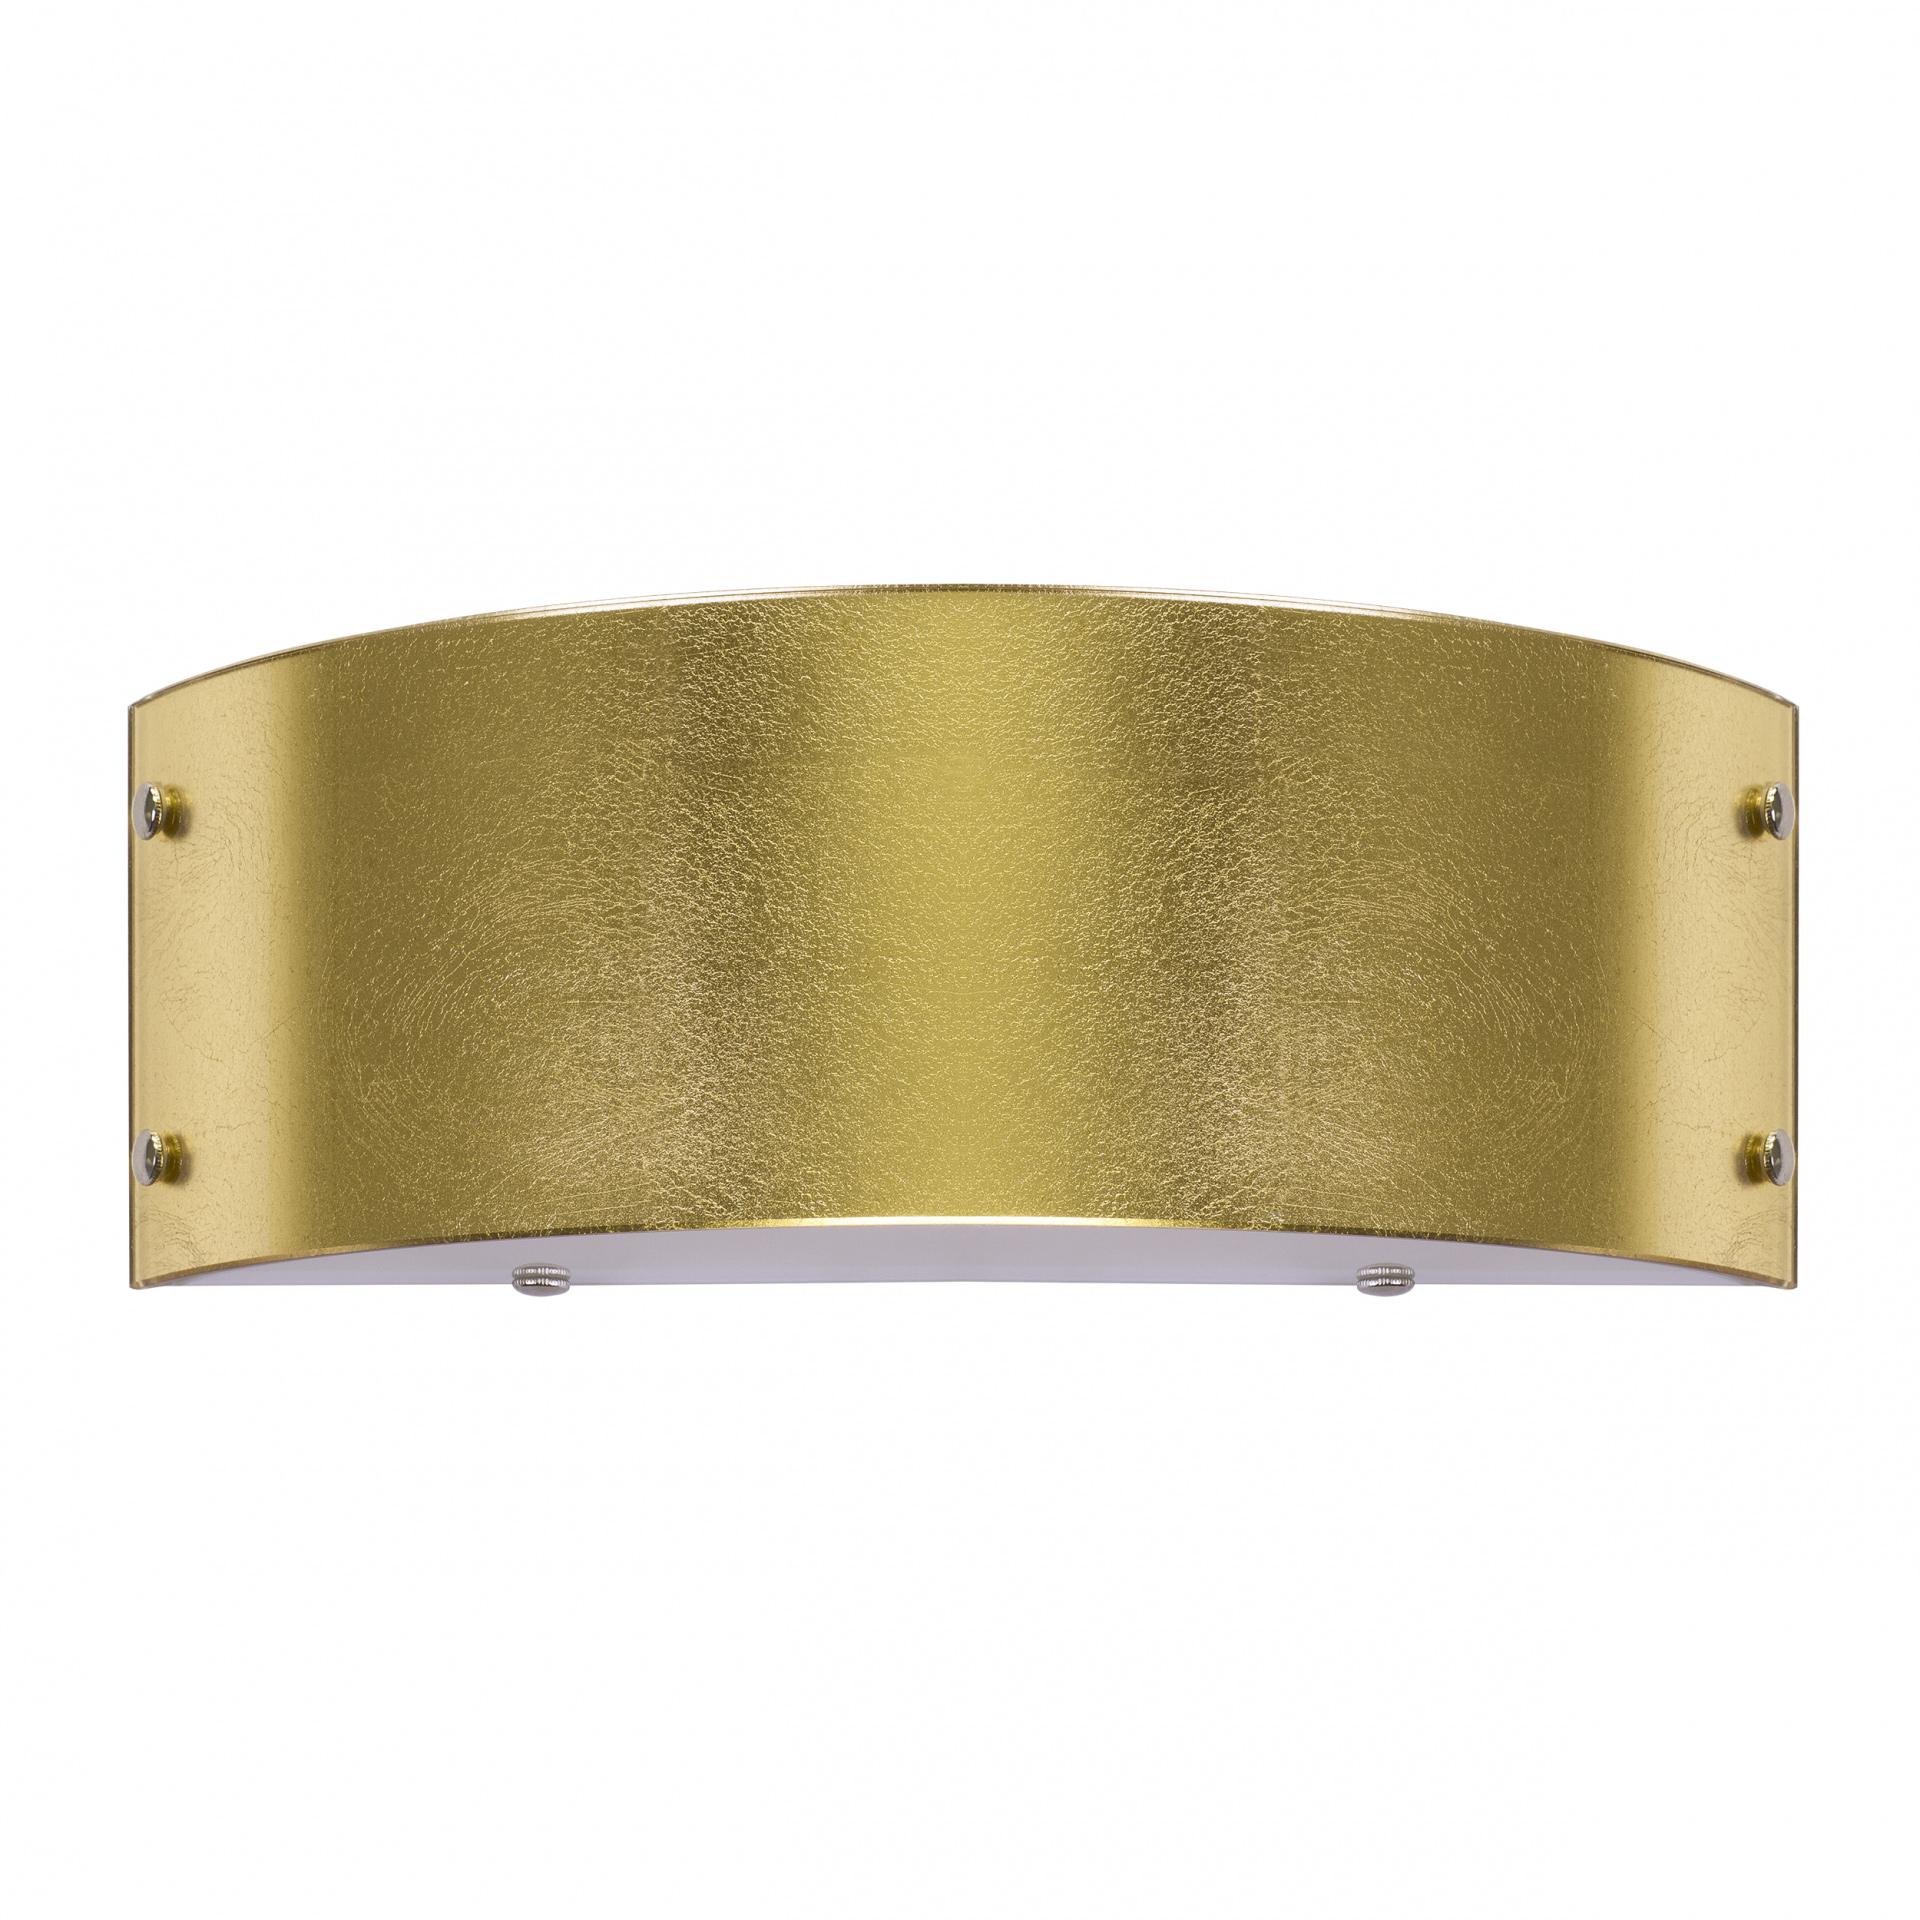 Бра Cupola 2х40W E14 gold Lightstar 803522, купить в СПб, Москве, с доставкой, Санкт-Петербург, интернет-магазин люстр и светильников Starlight, фото в жизни